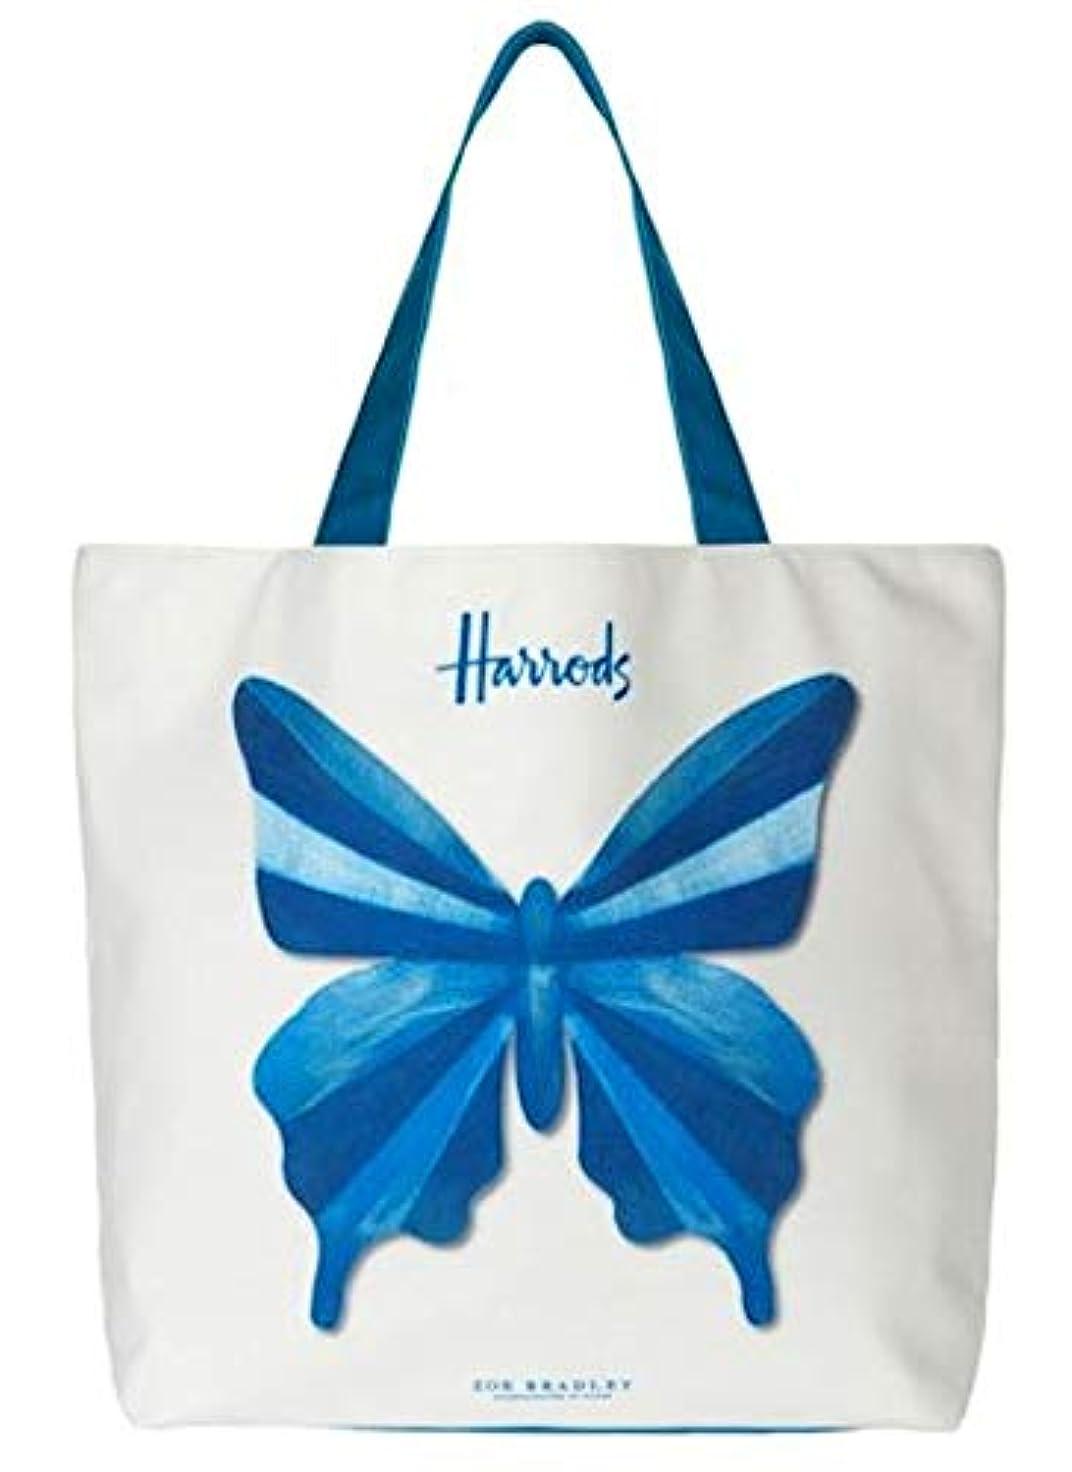 風が強い起業家フィード英国 Harrods [ハロッズ] x Zoe Bradley [ゾイ?ブラッドリー] コラボデザイン ブルー?バタフライ ラージサイズ キャンバス ショルダー ショッピングバッグ [並行輸入品]